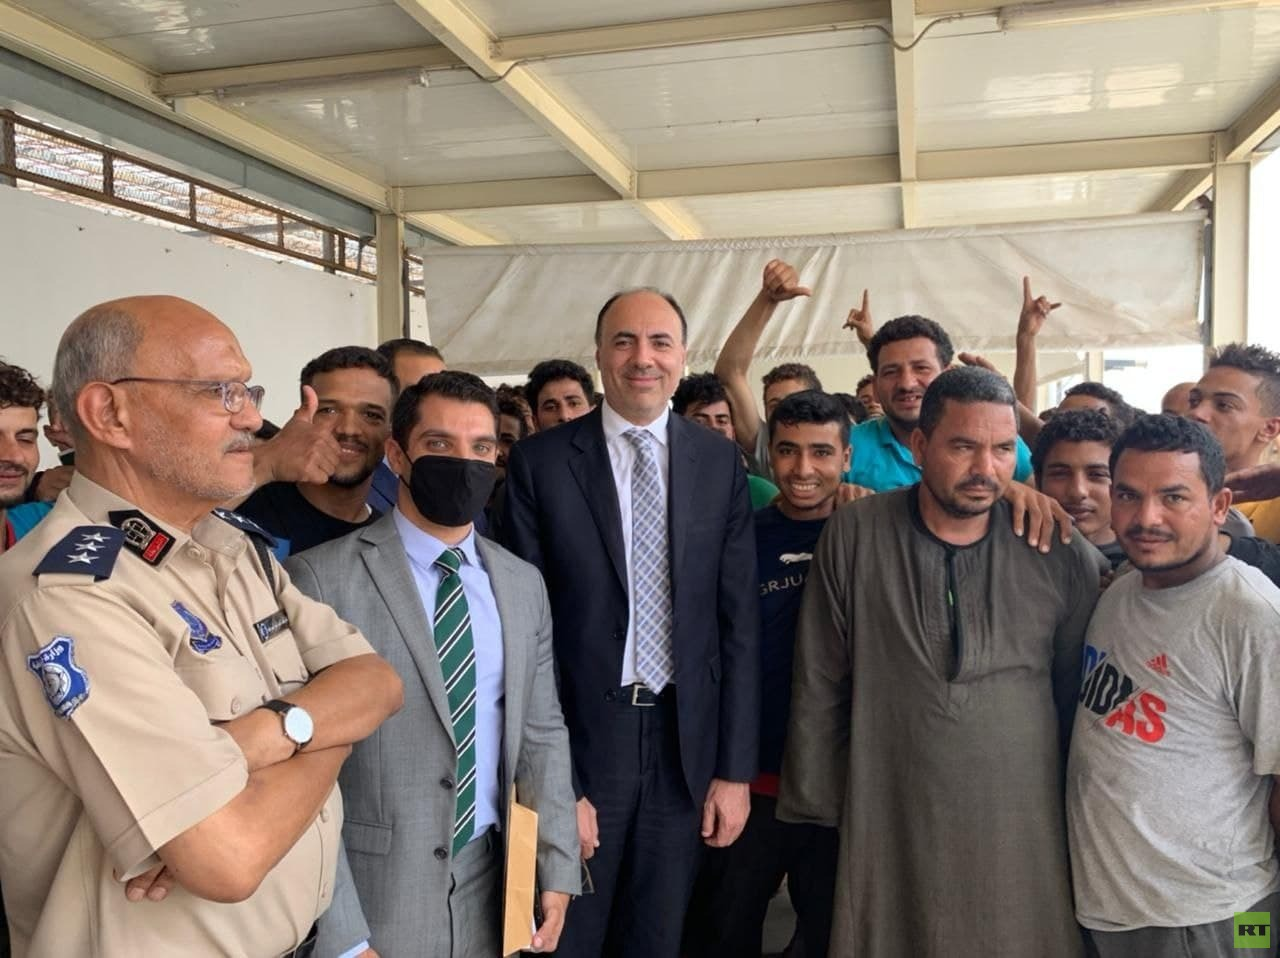 ليبيا.. إطلاق سراح 90 مصريا احتجزوا في مركز لتوقيف المهاجرين المخالفين (صور)